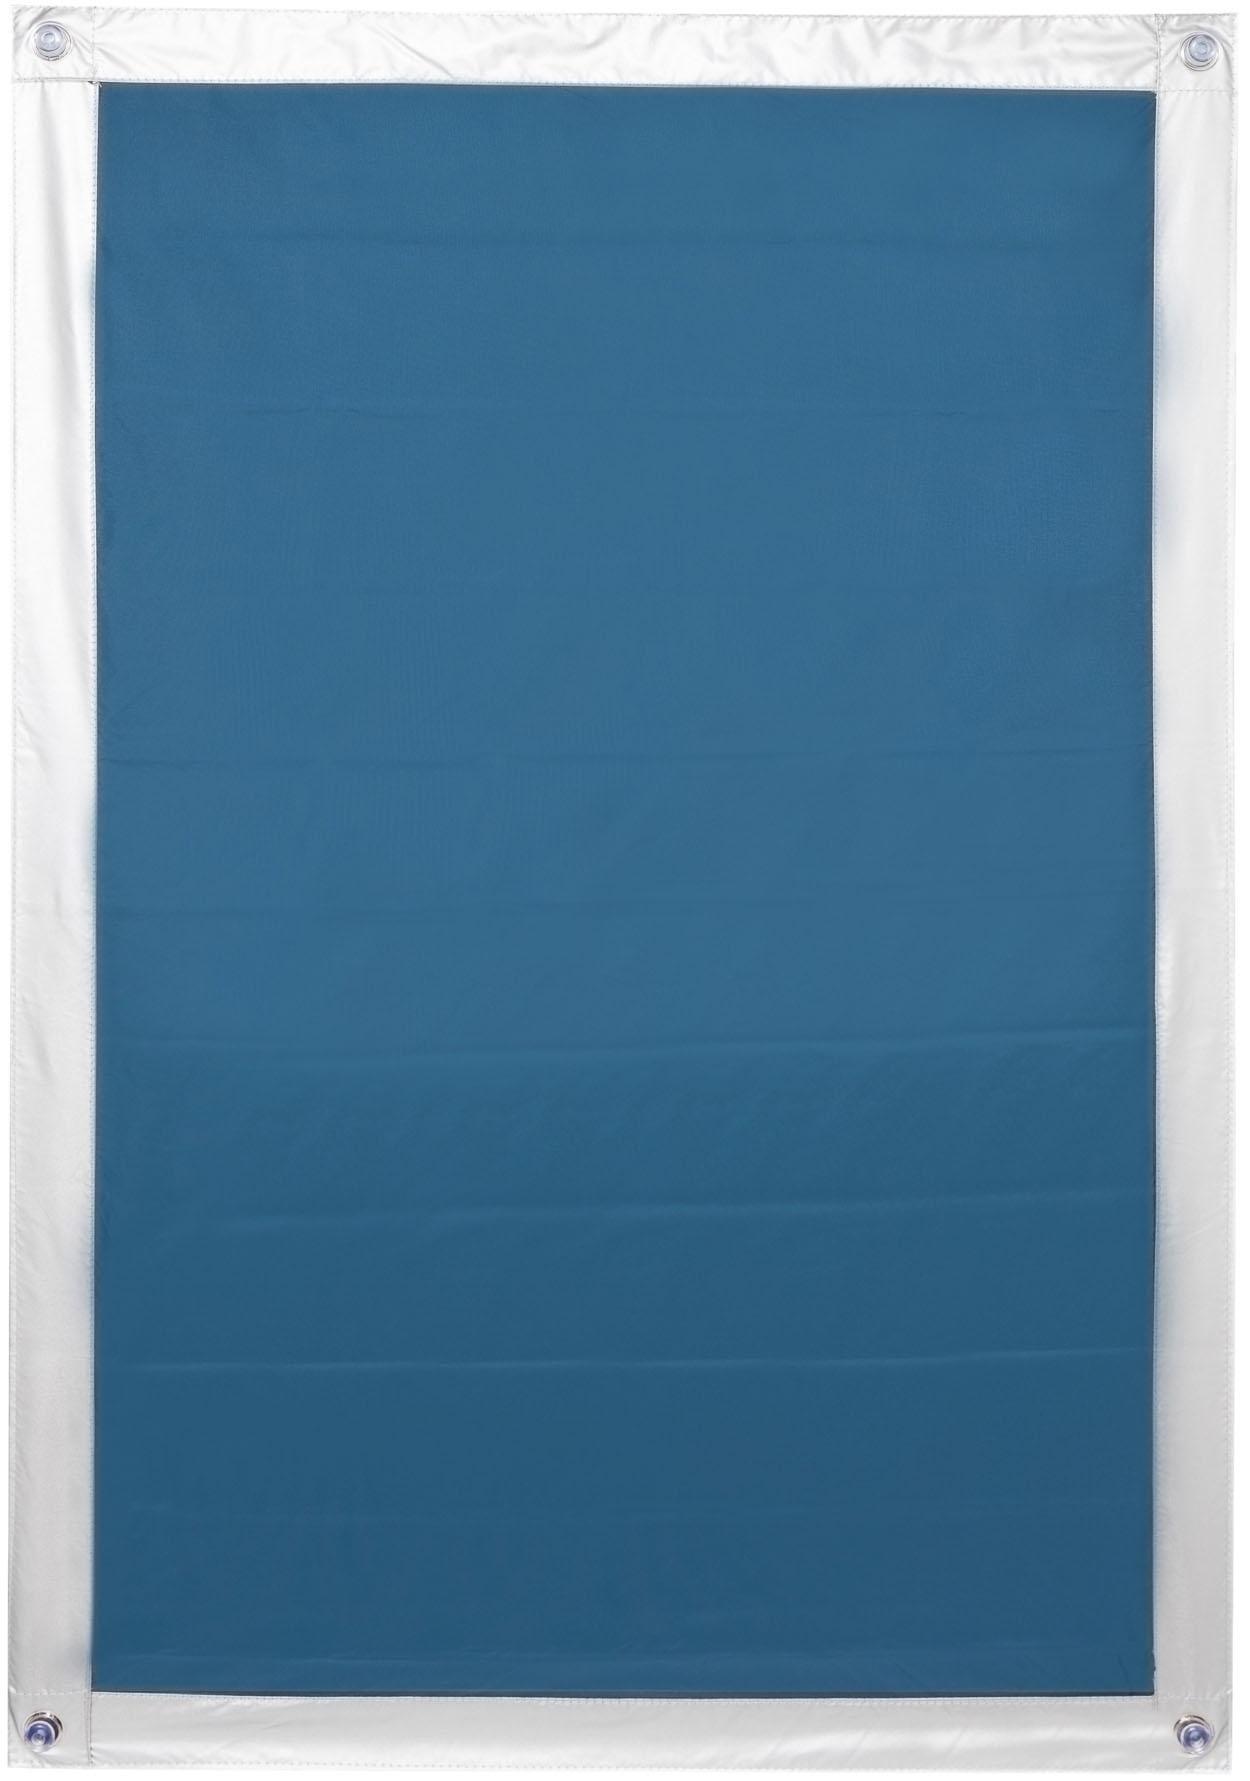 Dachfensterrollo Haftfix Hitzeschutz Verdunkelung LICHTBLICK abdunkelnd ohne Bohren verspannt Wohnen/Wohntextilien/Rollos & Jalousien/Rollos/Dachfensterrollos